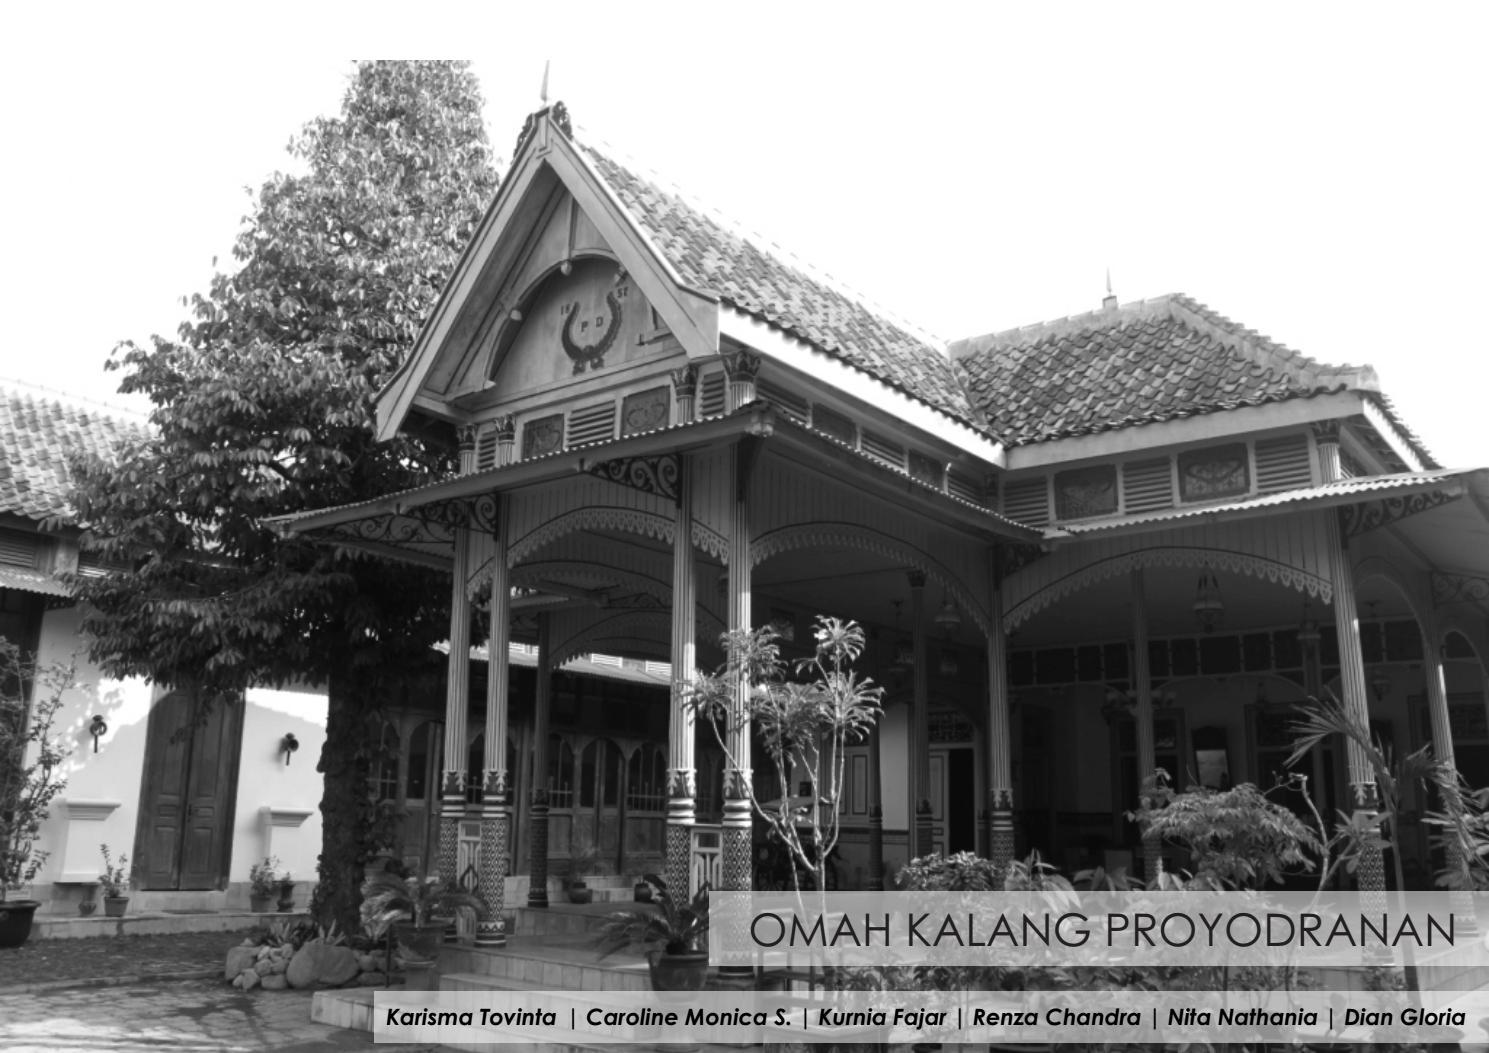 Konservasi Arsitektur Omah Kalang Proyodranan Kotagede